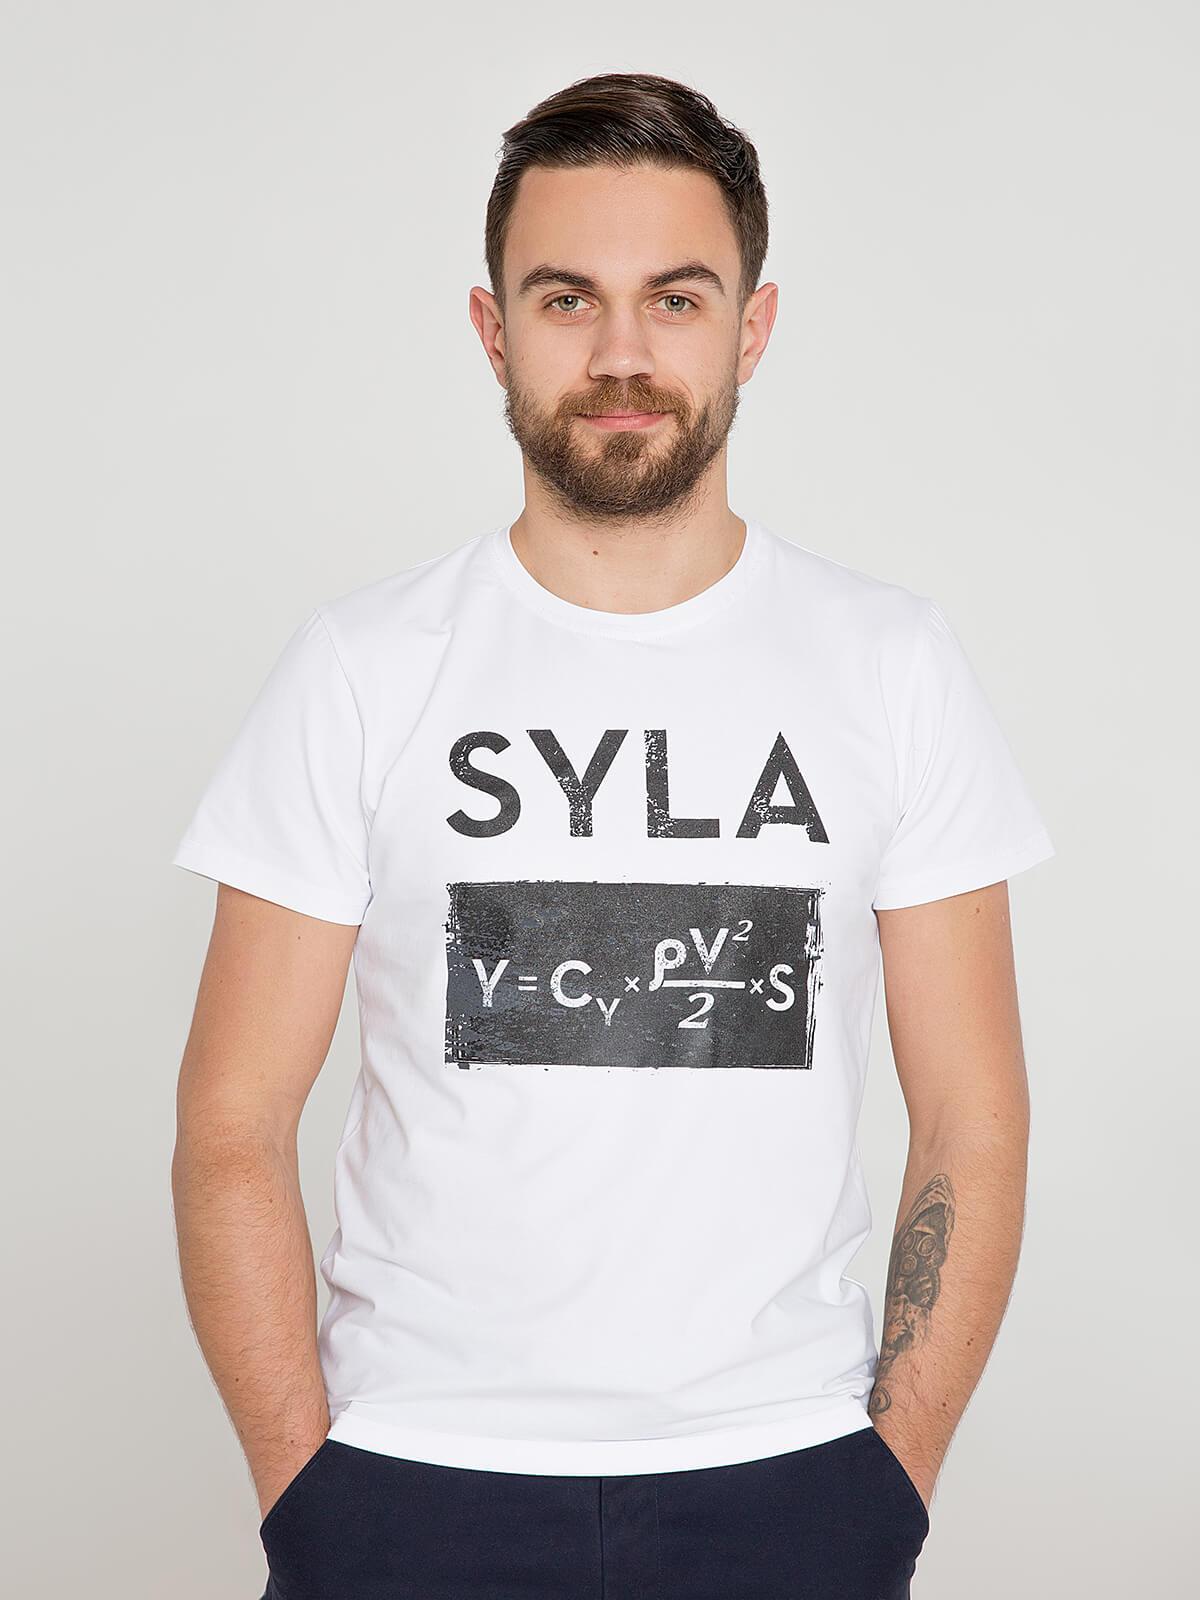 Men's T-Shirt Syla. Color white. Unisex T-shirt (men's sizes).